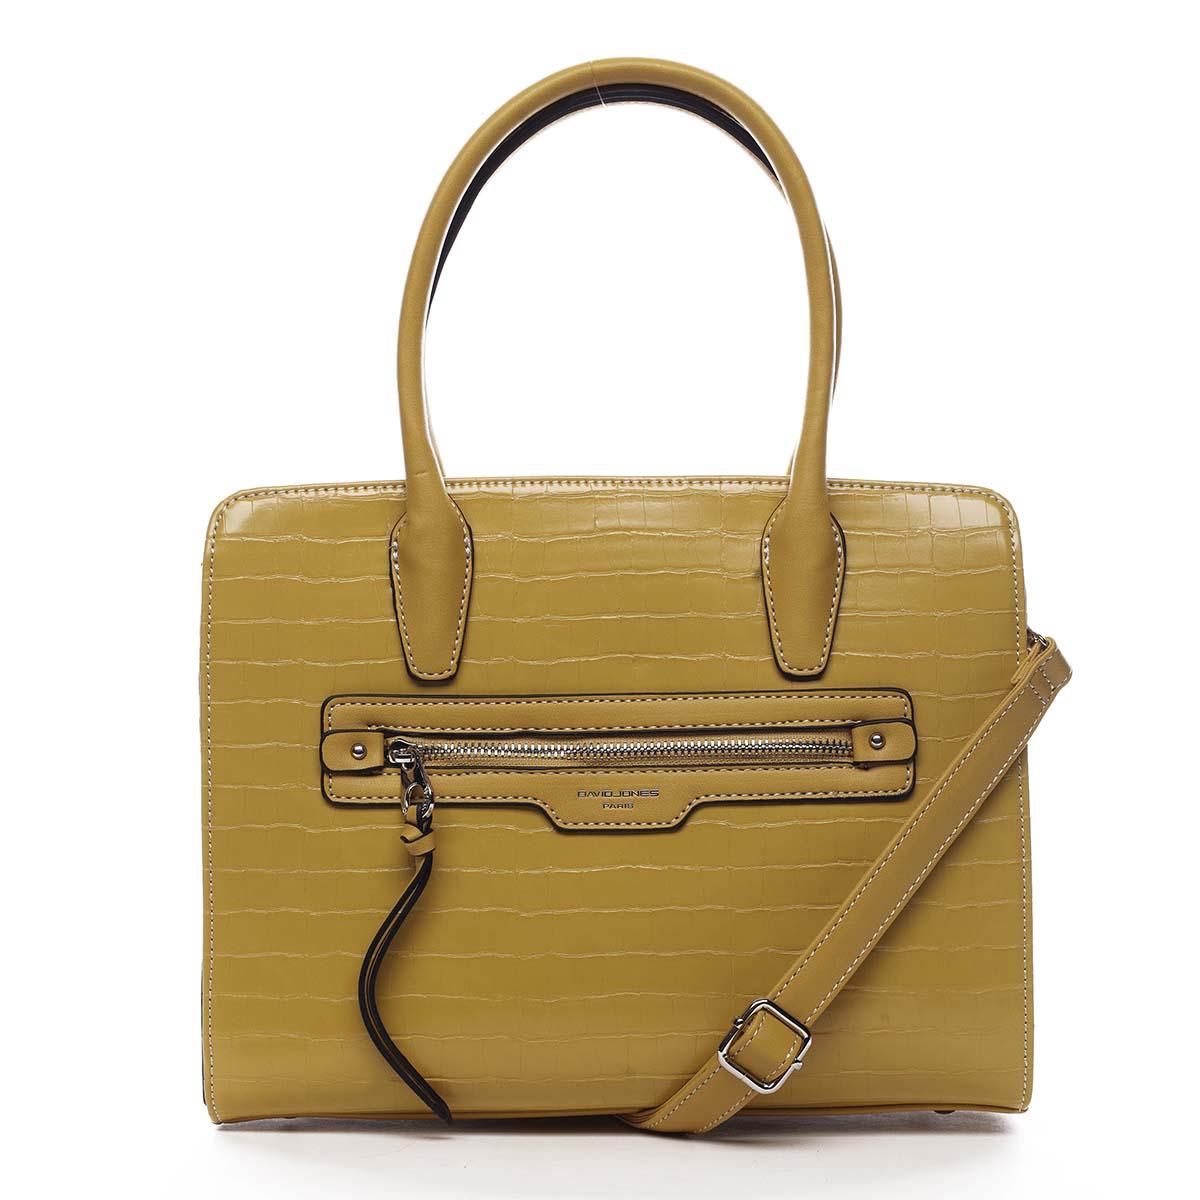 Dámska kabelka žltá - David Jones Camille žltá